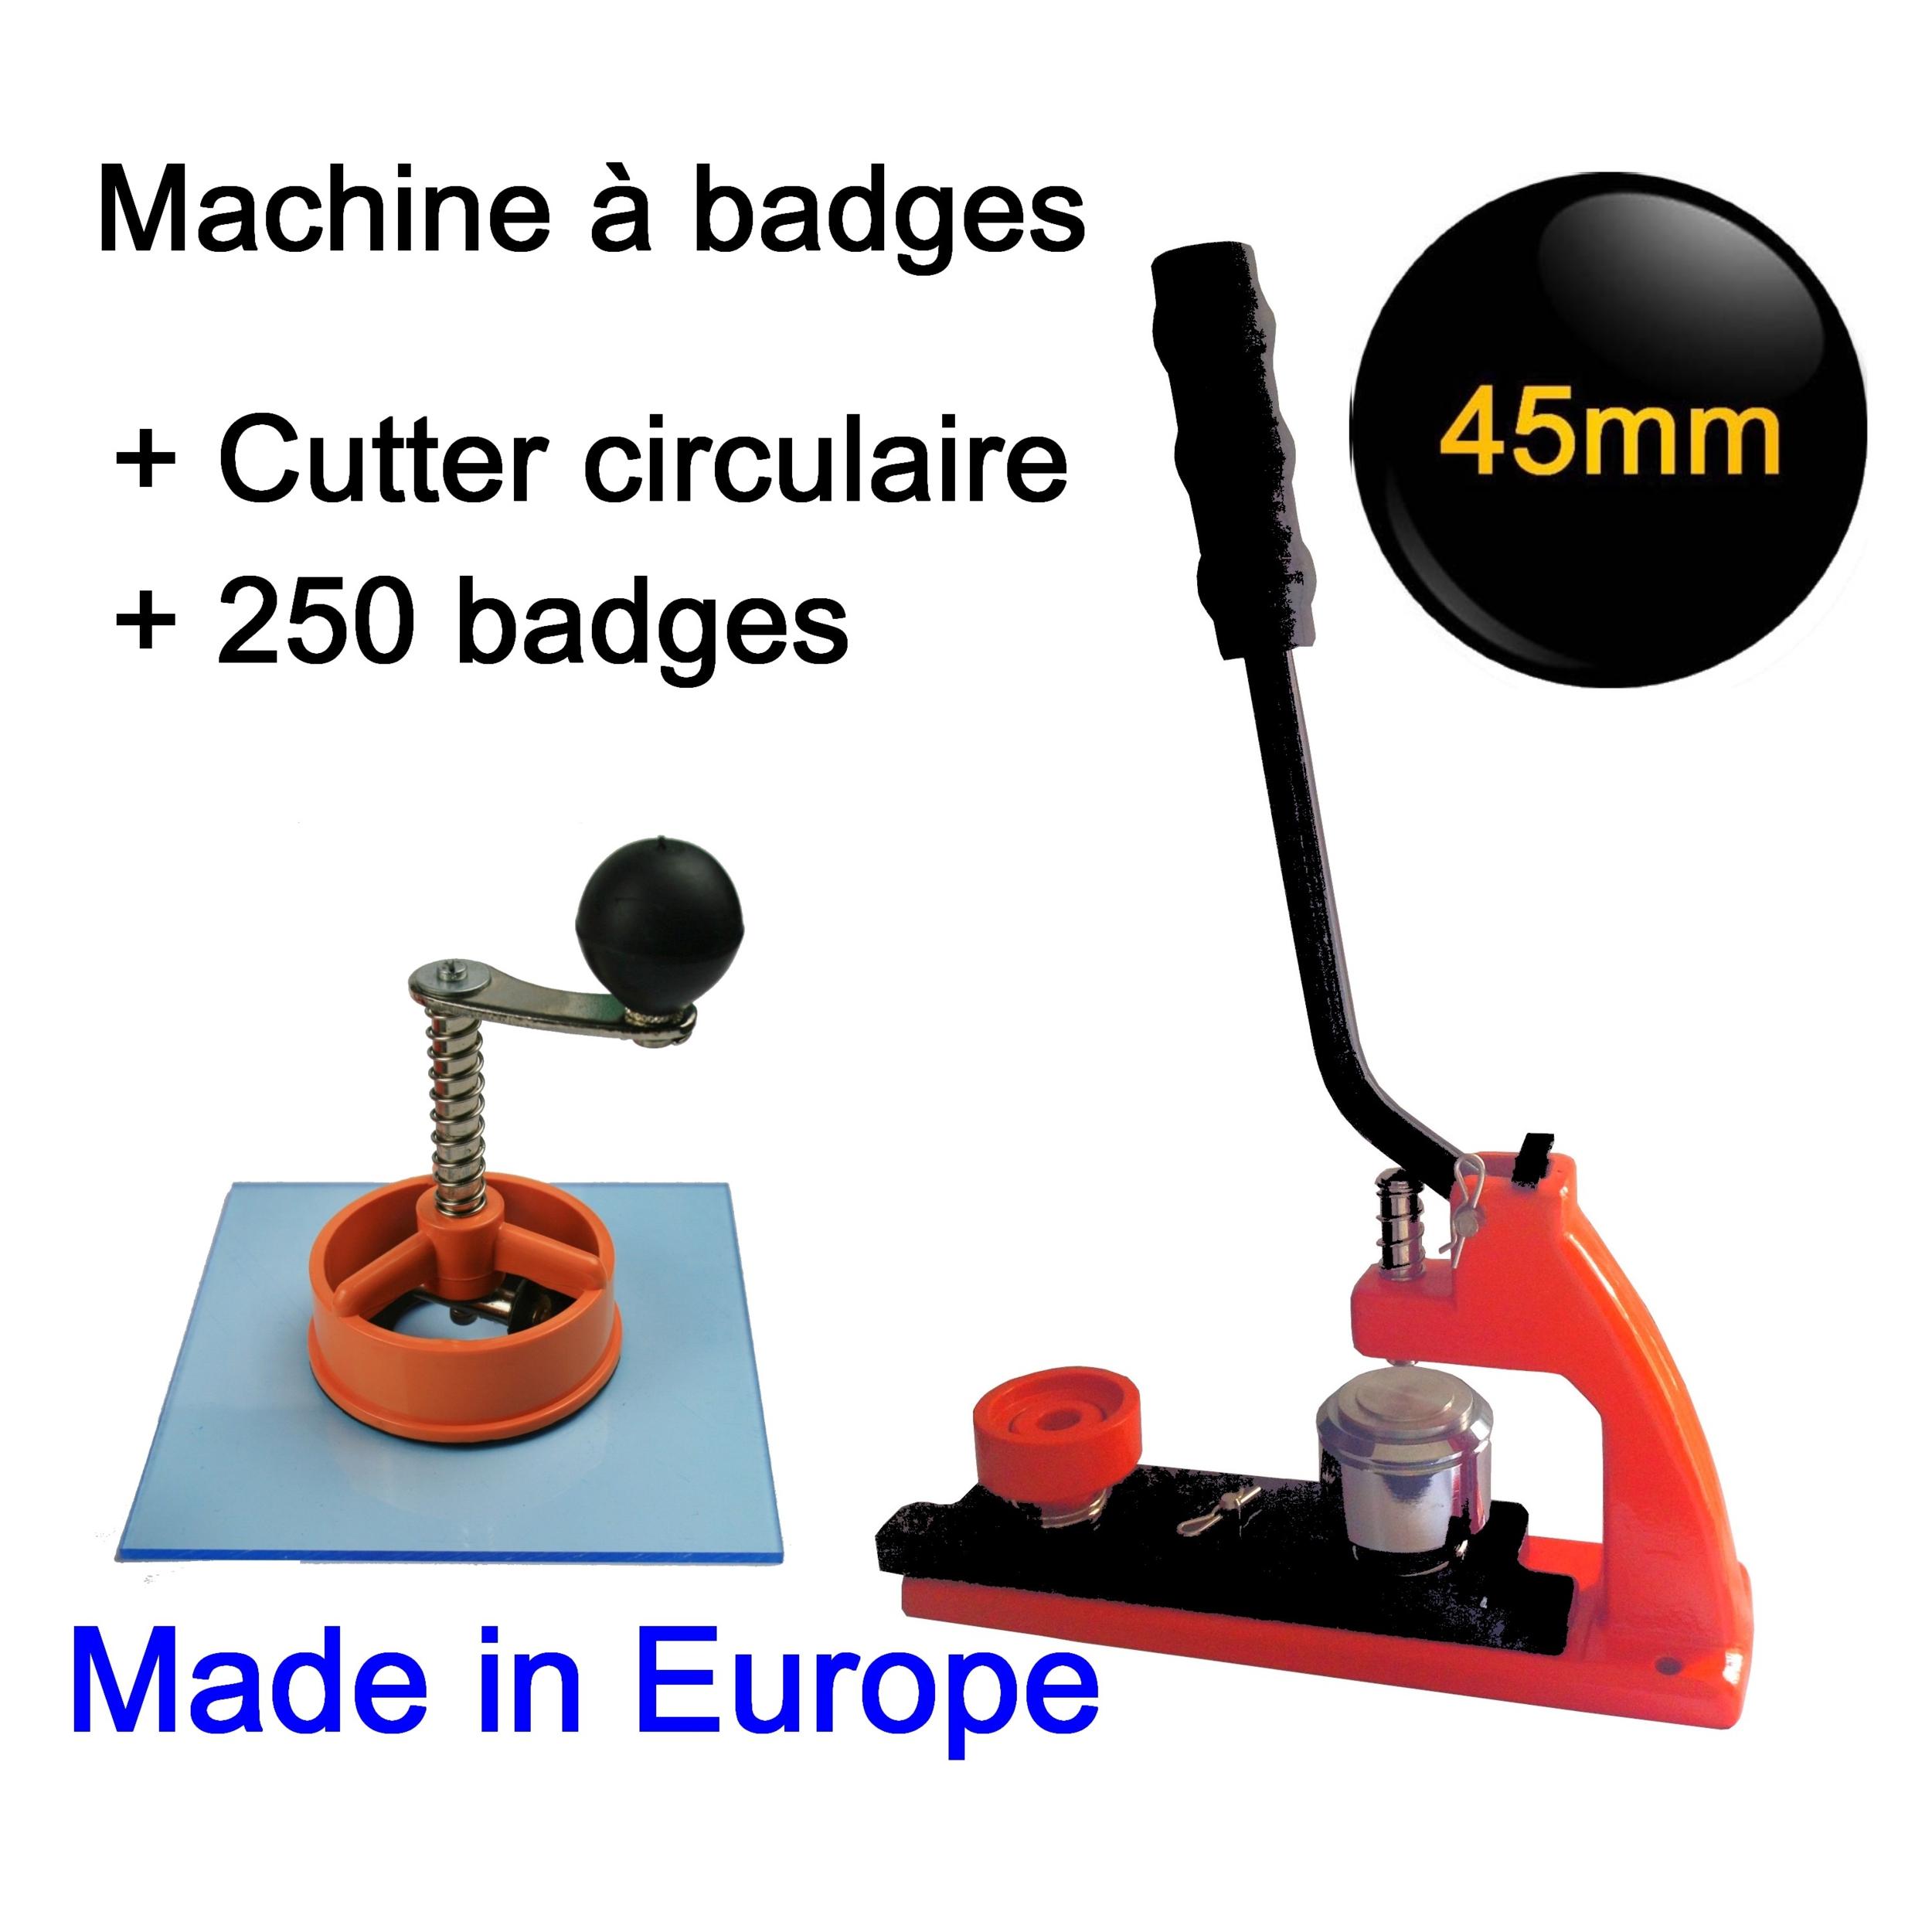 machine presse badges 45mm cutter 250 badges. Black Bedroom Furniture Sets. Home Design Ideas